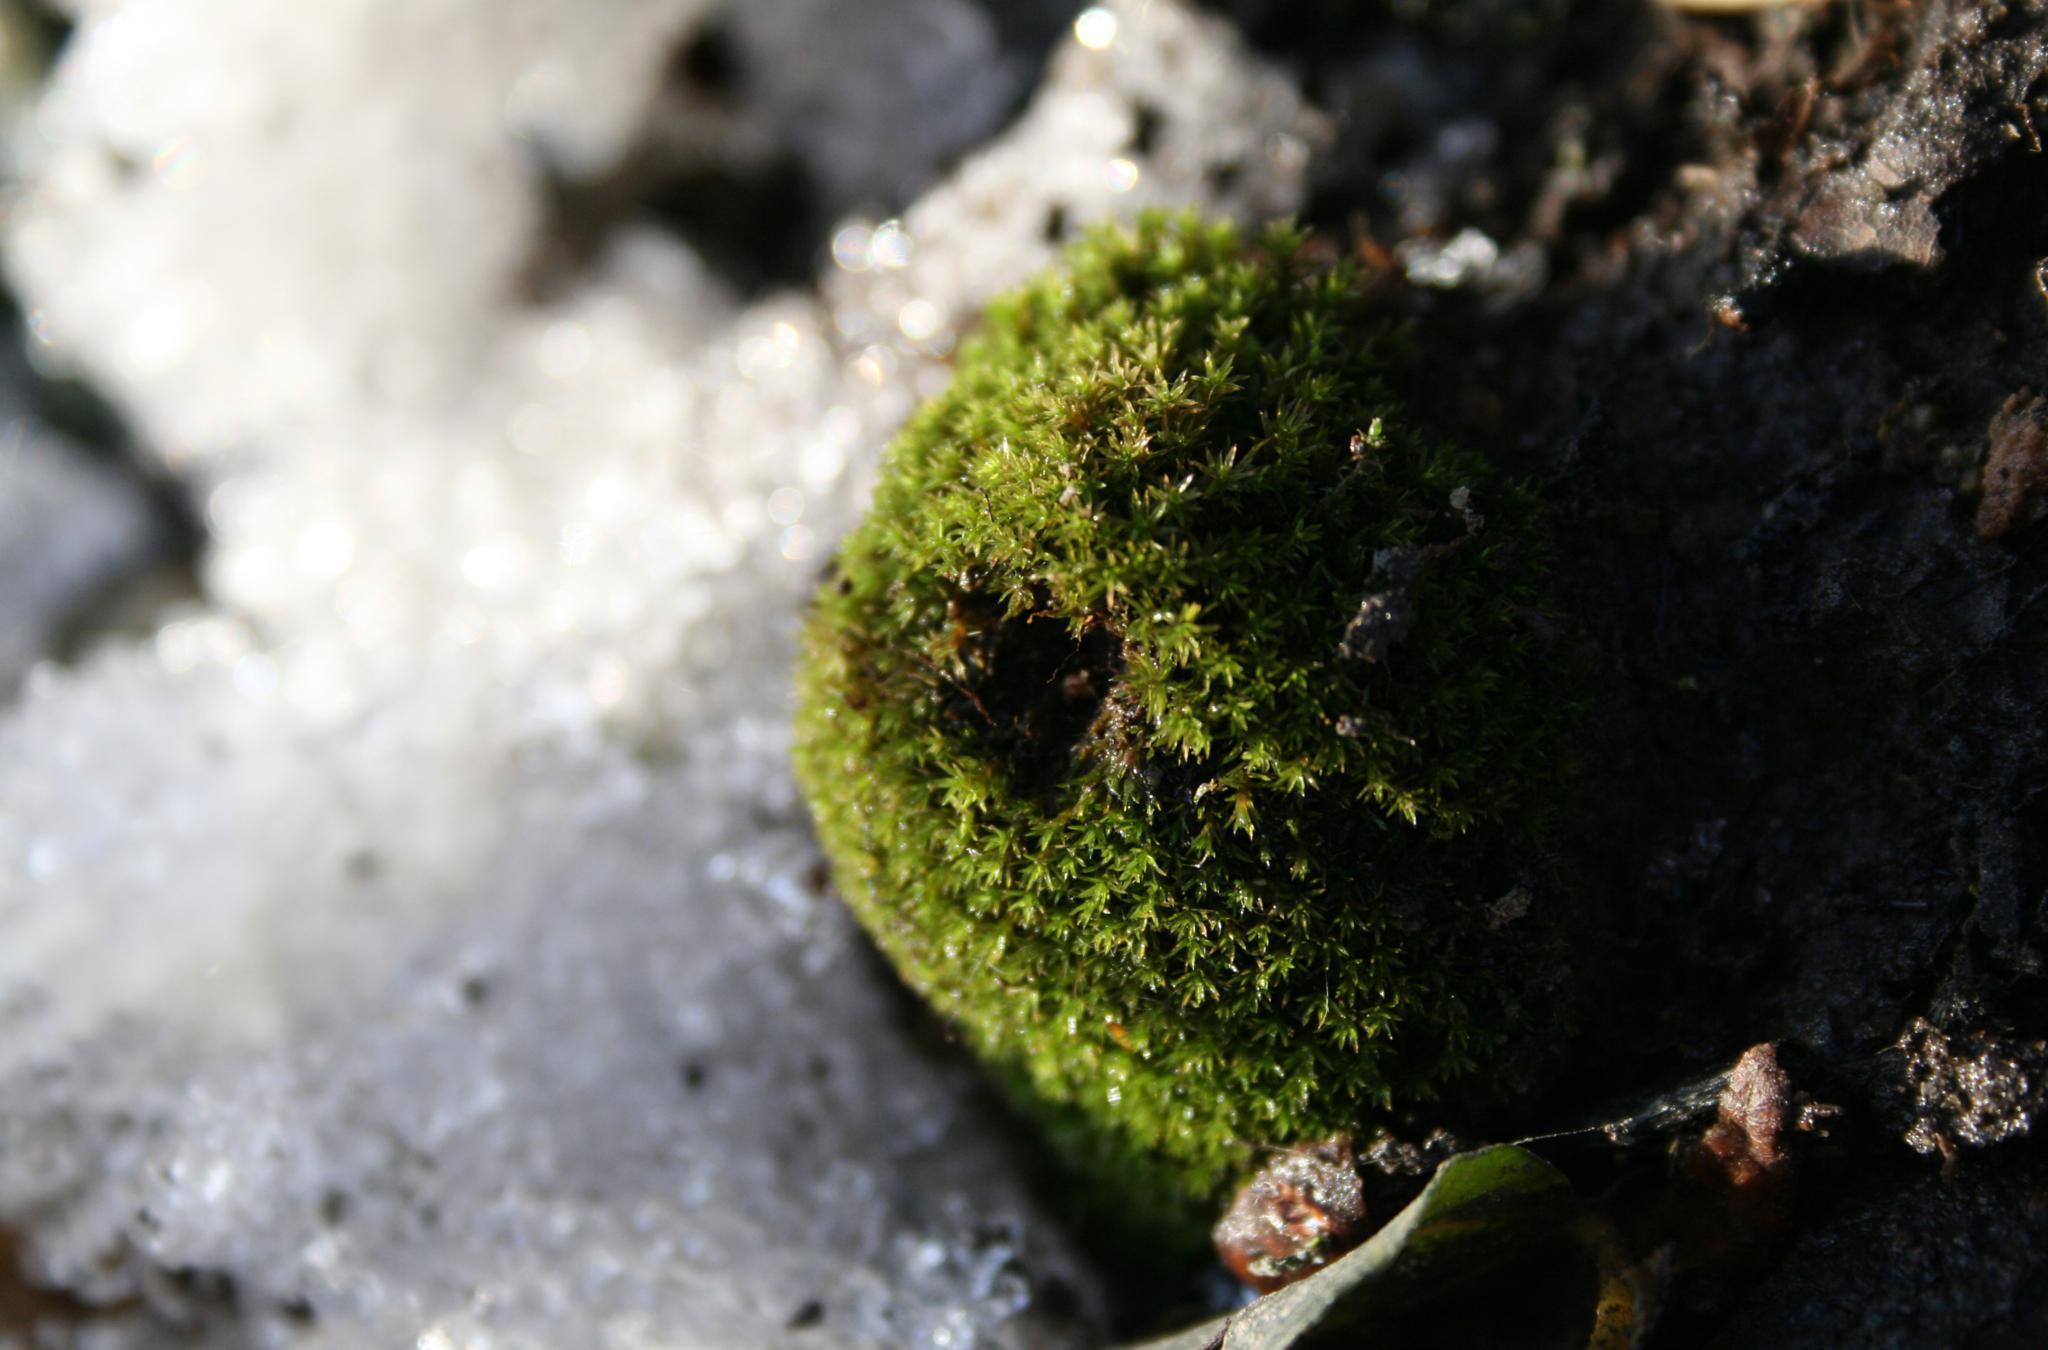 Tiny Ball of Moss - First Signs of Spring by ʎpɐן uɐıpɐuɐɔ